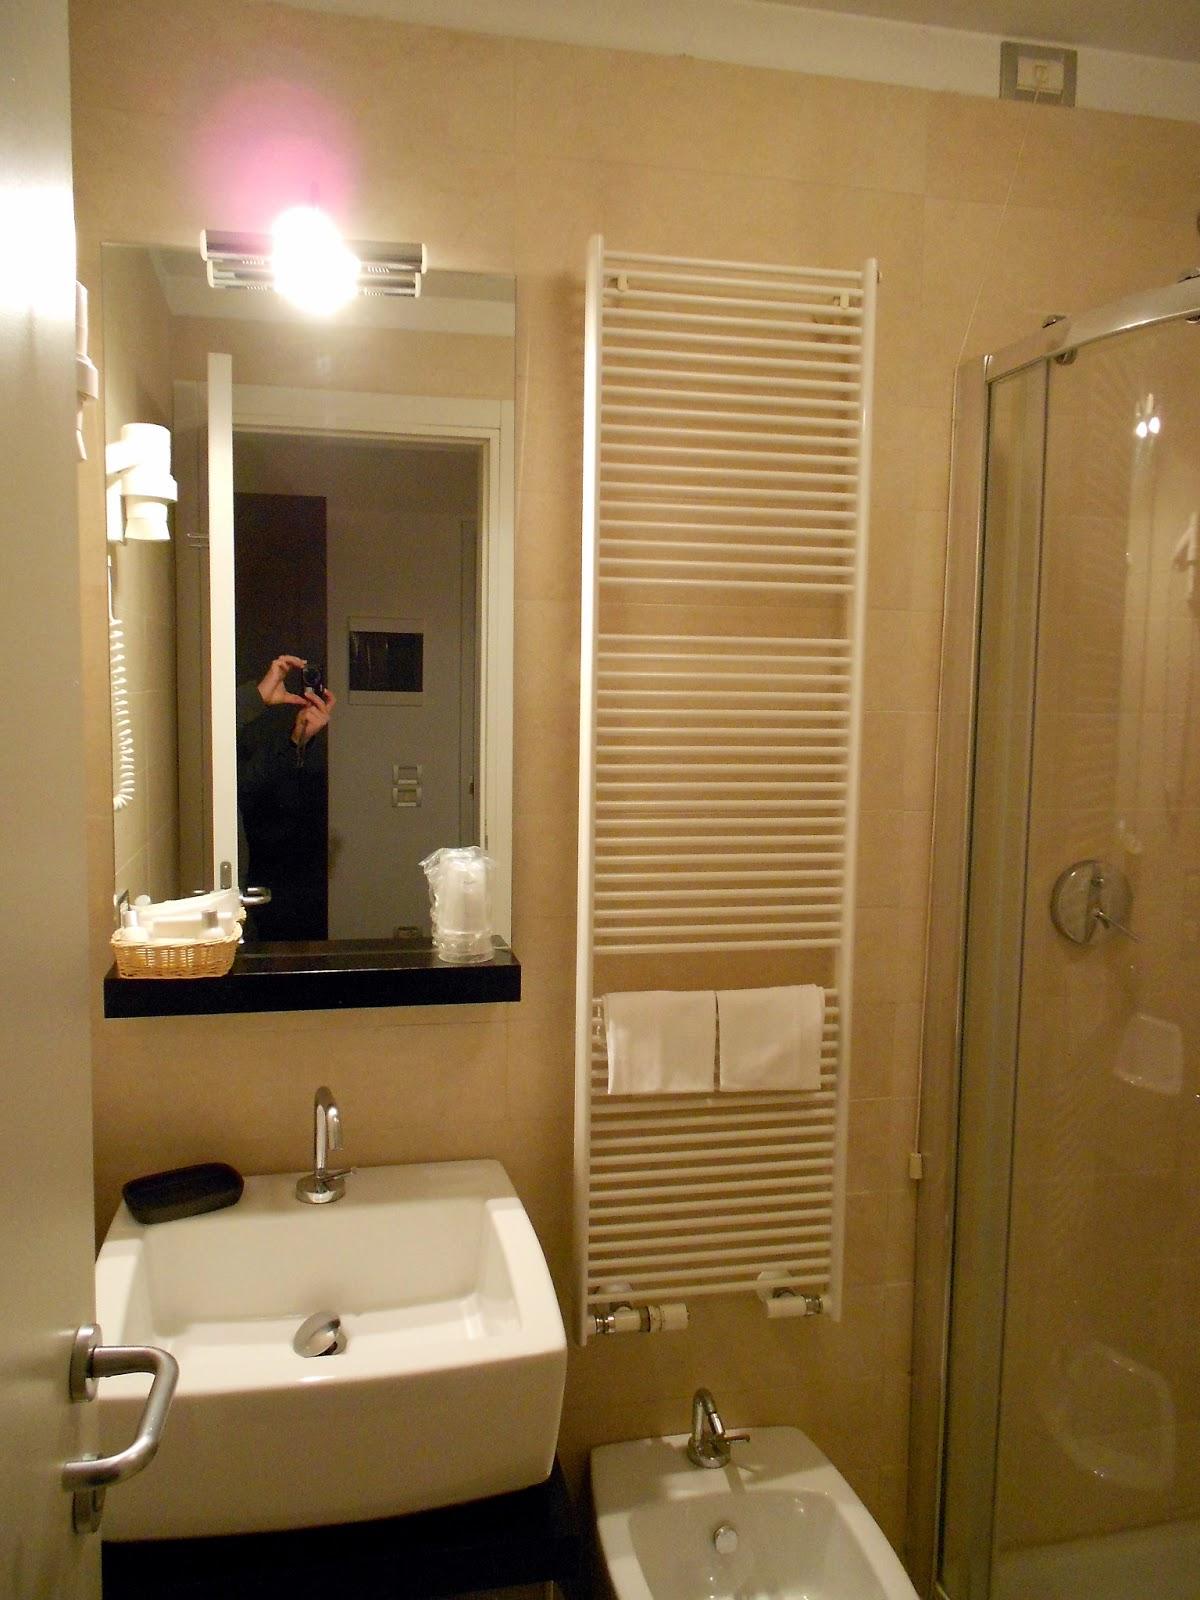 Toallero Baño Pequeno:El baño es también moderno, aunque quizás un poco pequeño, pero